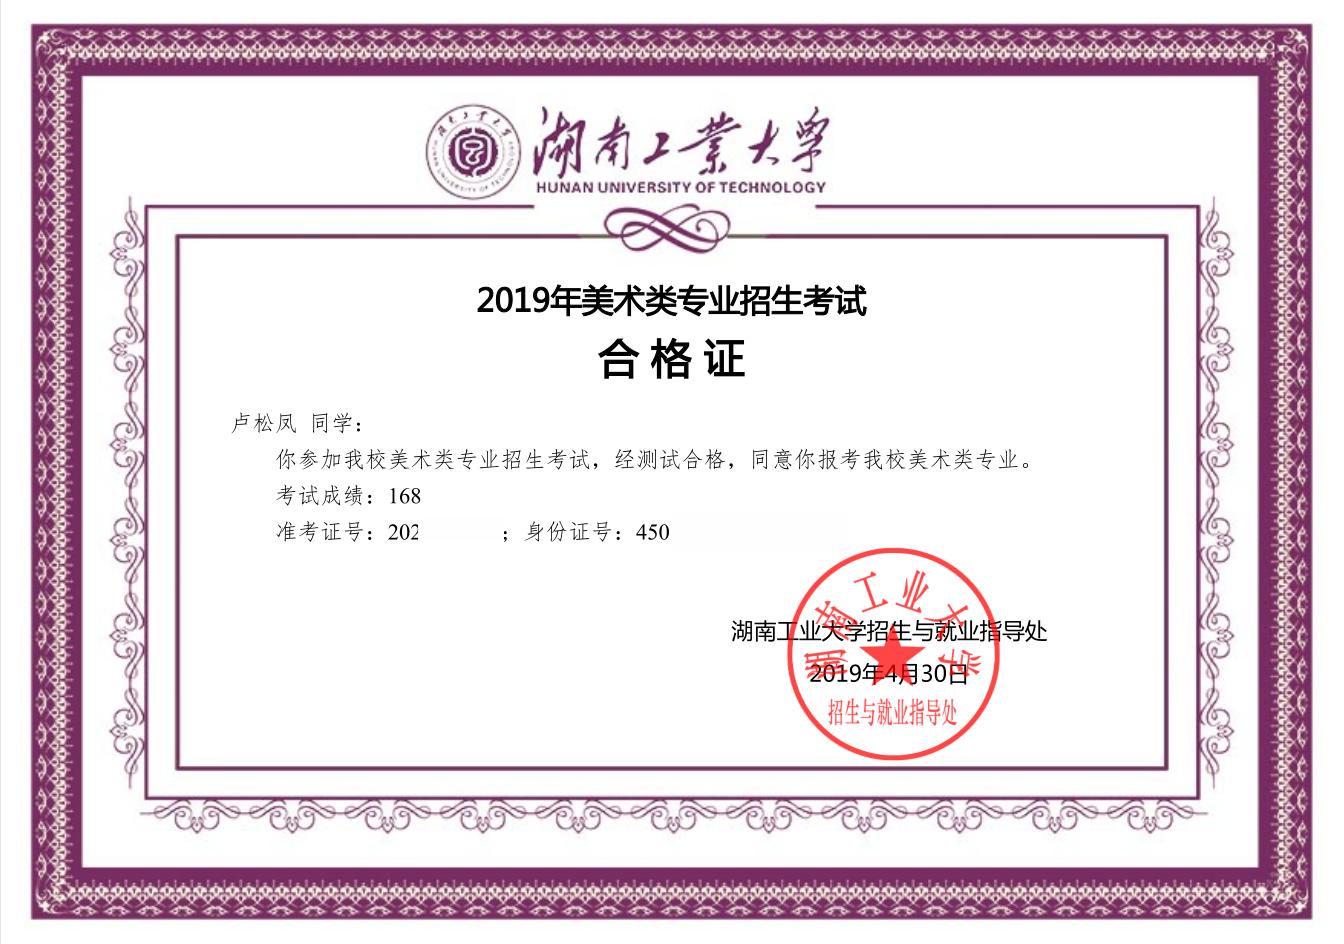 卢松凤   湖南工业大学   合格